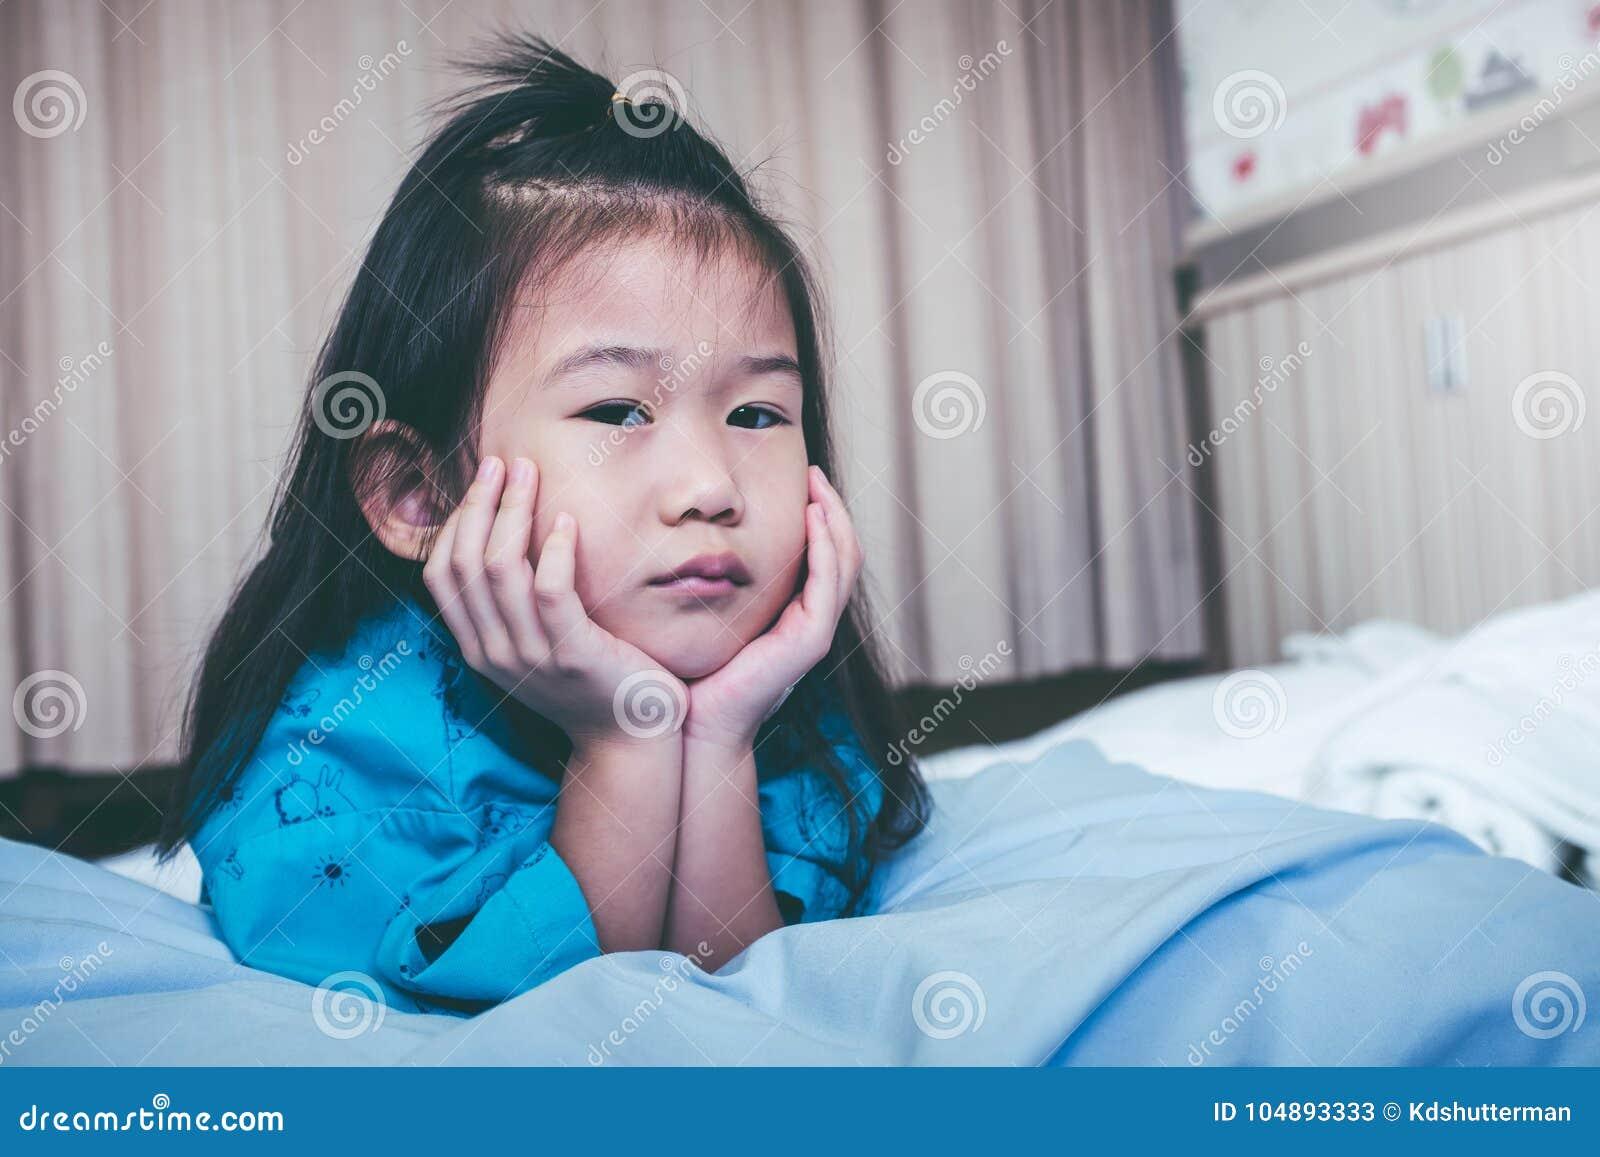 Asiatiskt barn för olycklig sjukdom som medges i sjukhus Inte gör de ser smaskiga